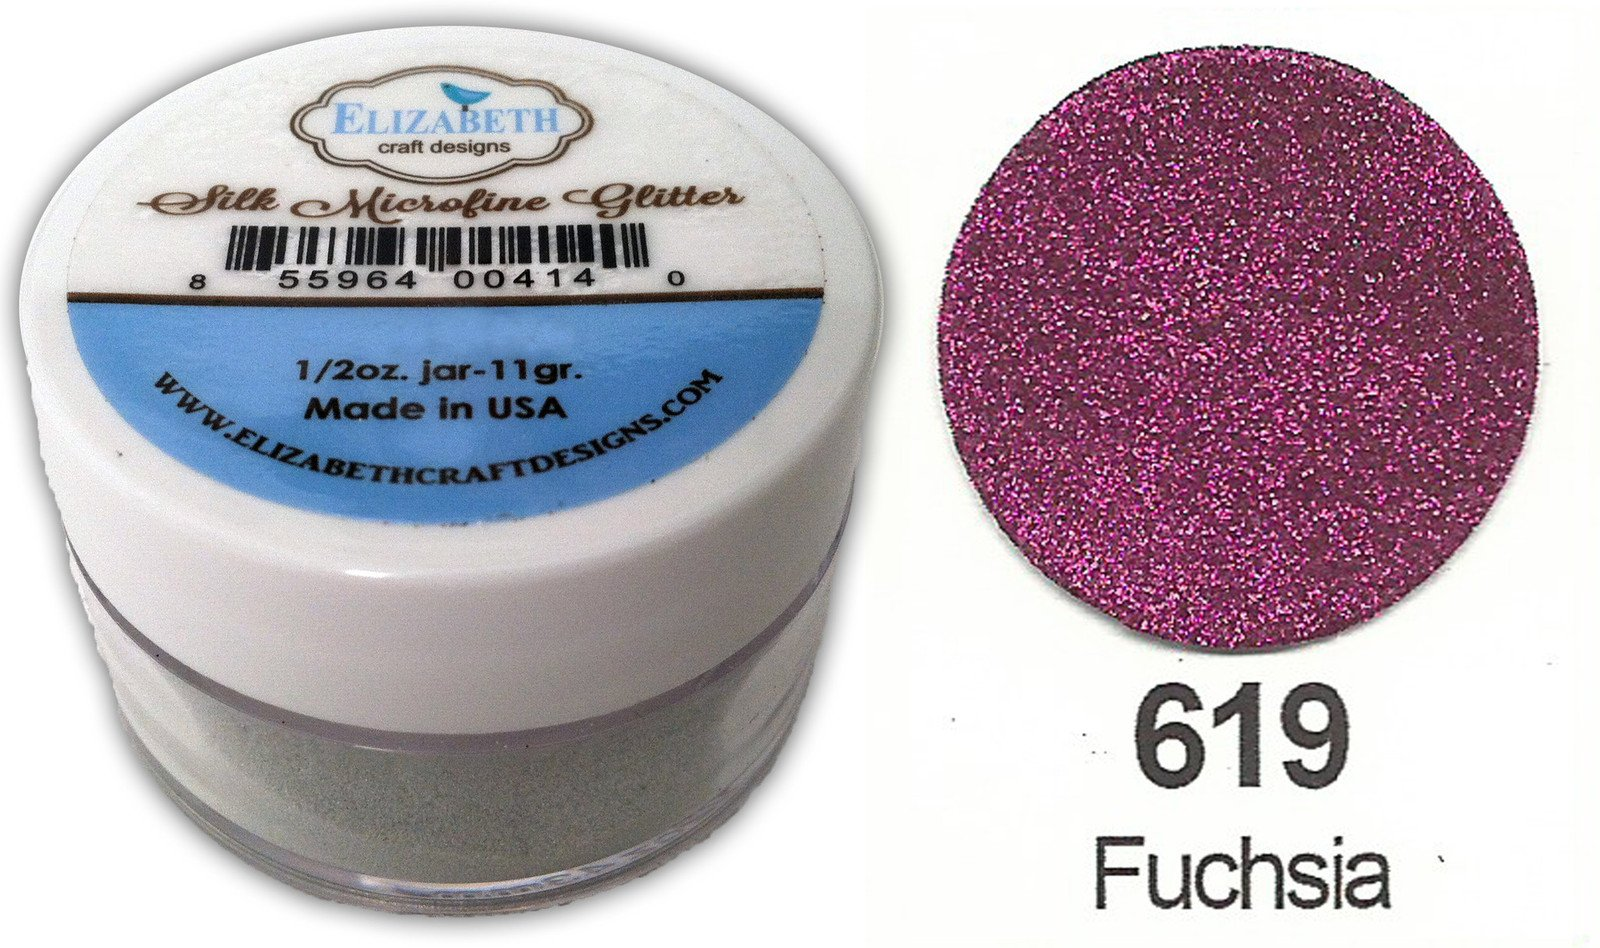 SILK MICROFINE GLITTER - FUCHSIA